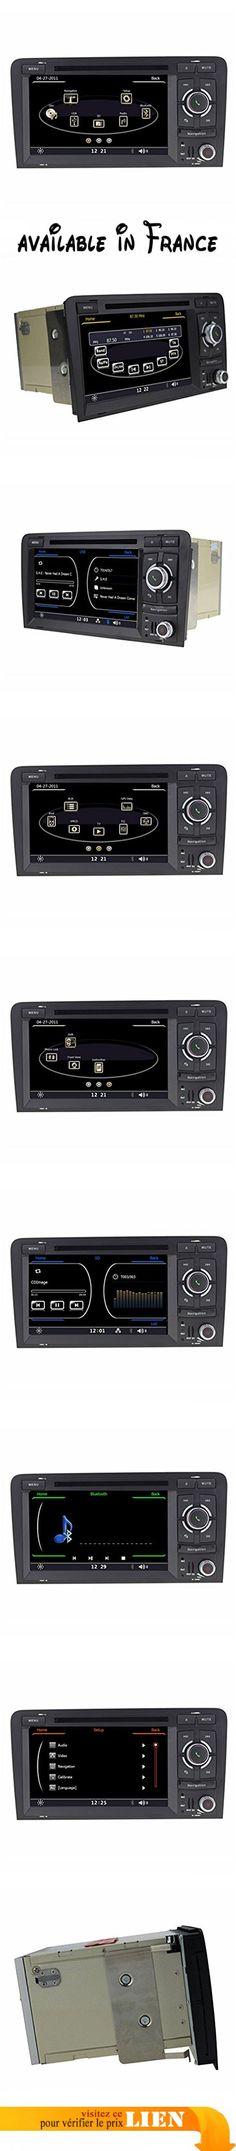 Topnavi 17,8cm 800x 480double DIN WinCE 6.0Auto Navigation GPS pour Audi A3(2003–2013) lecteur DVD de voiture Bluetooth radio RAM 256MB CPU MTK Mt3360Audio Stéréo de voiture Répertoire téléphone portable chargement support iPod/iPhone NAND Flash 128Mo. 1. Système d'exploitation: WinCE 6.0. 2.Processeur: MTK mt3360principale (800MHz + 250MHz DSP). 3. Mémoire RAM: 256Mo DDR SDRAM 3. 4. (Flash NAND): 128Mo 5. Prise en charge RDS,